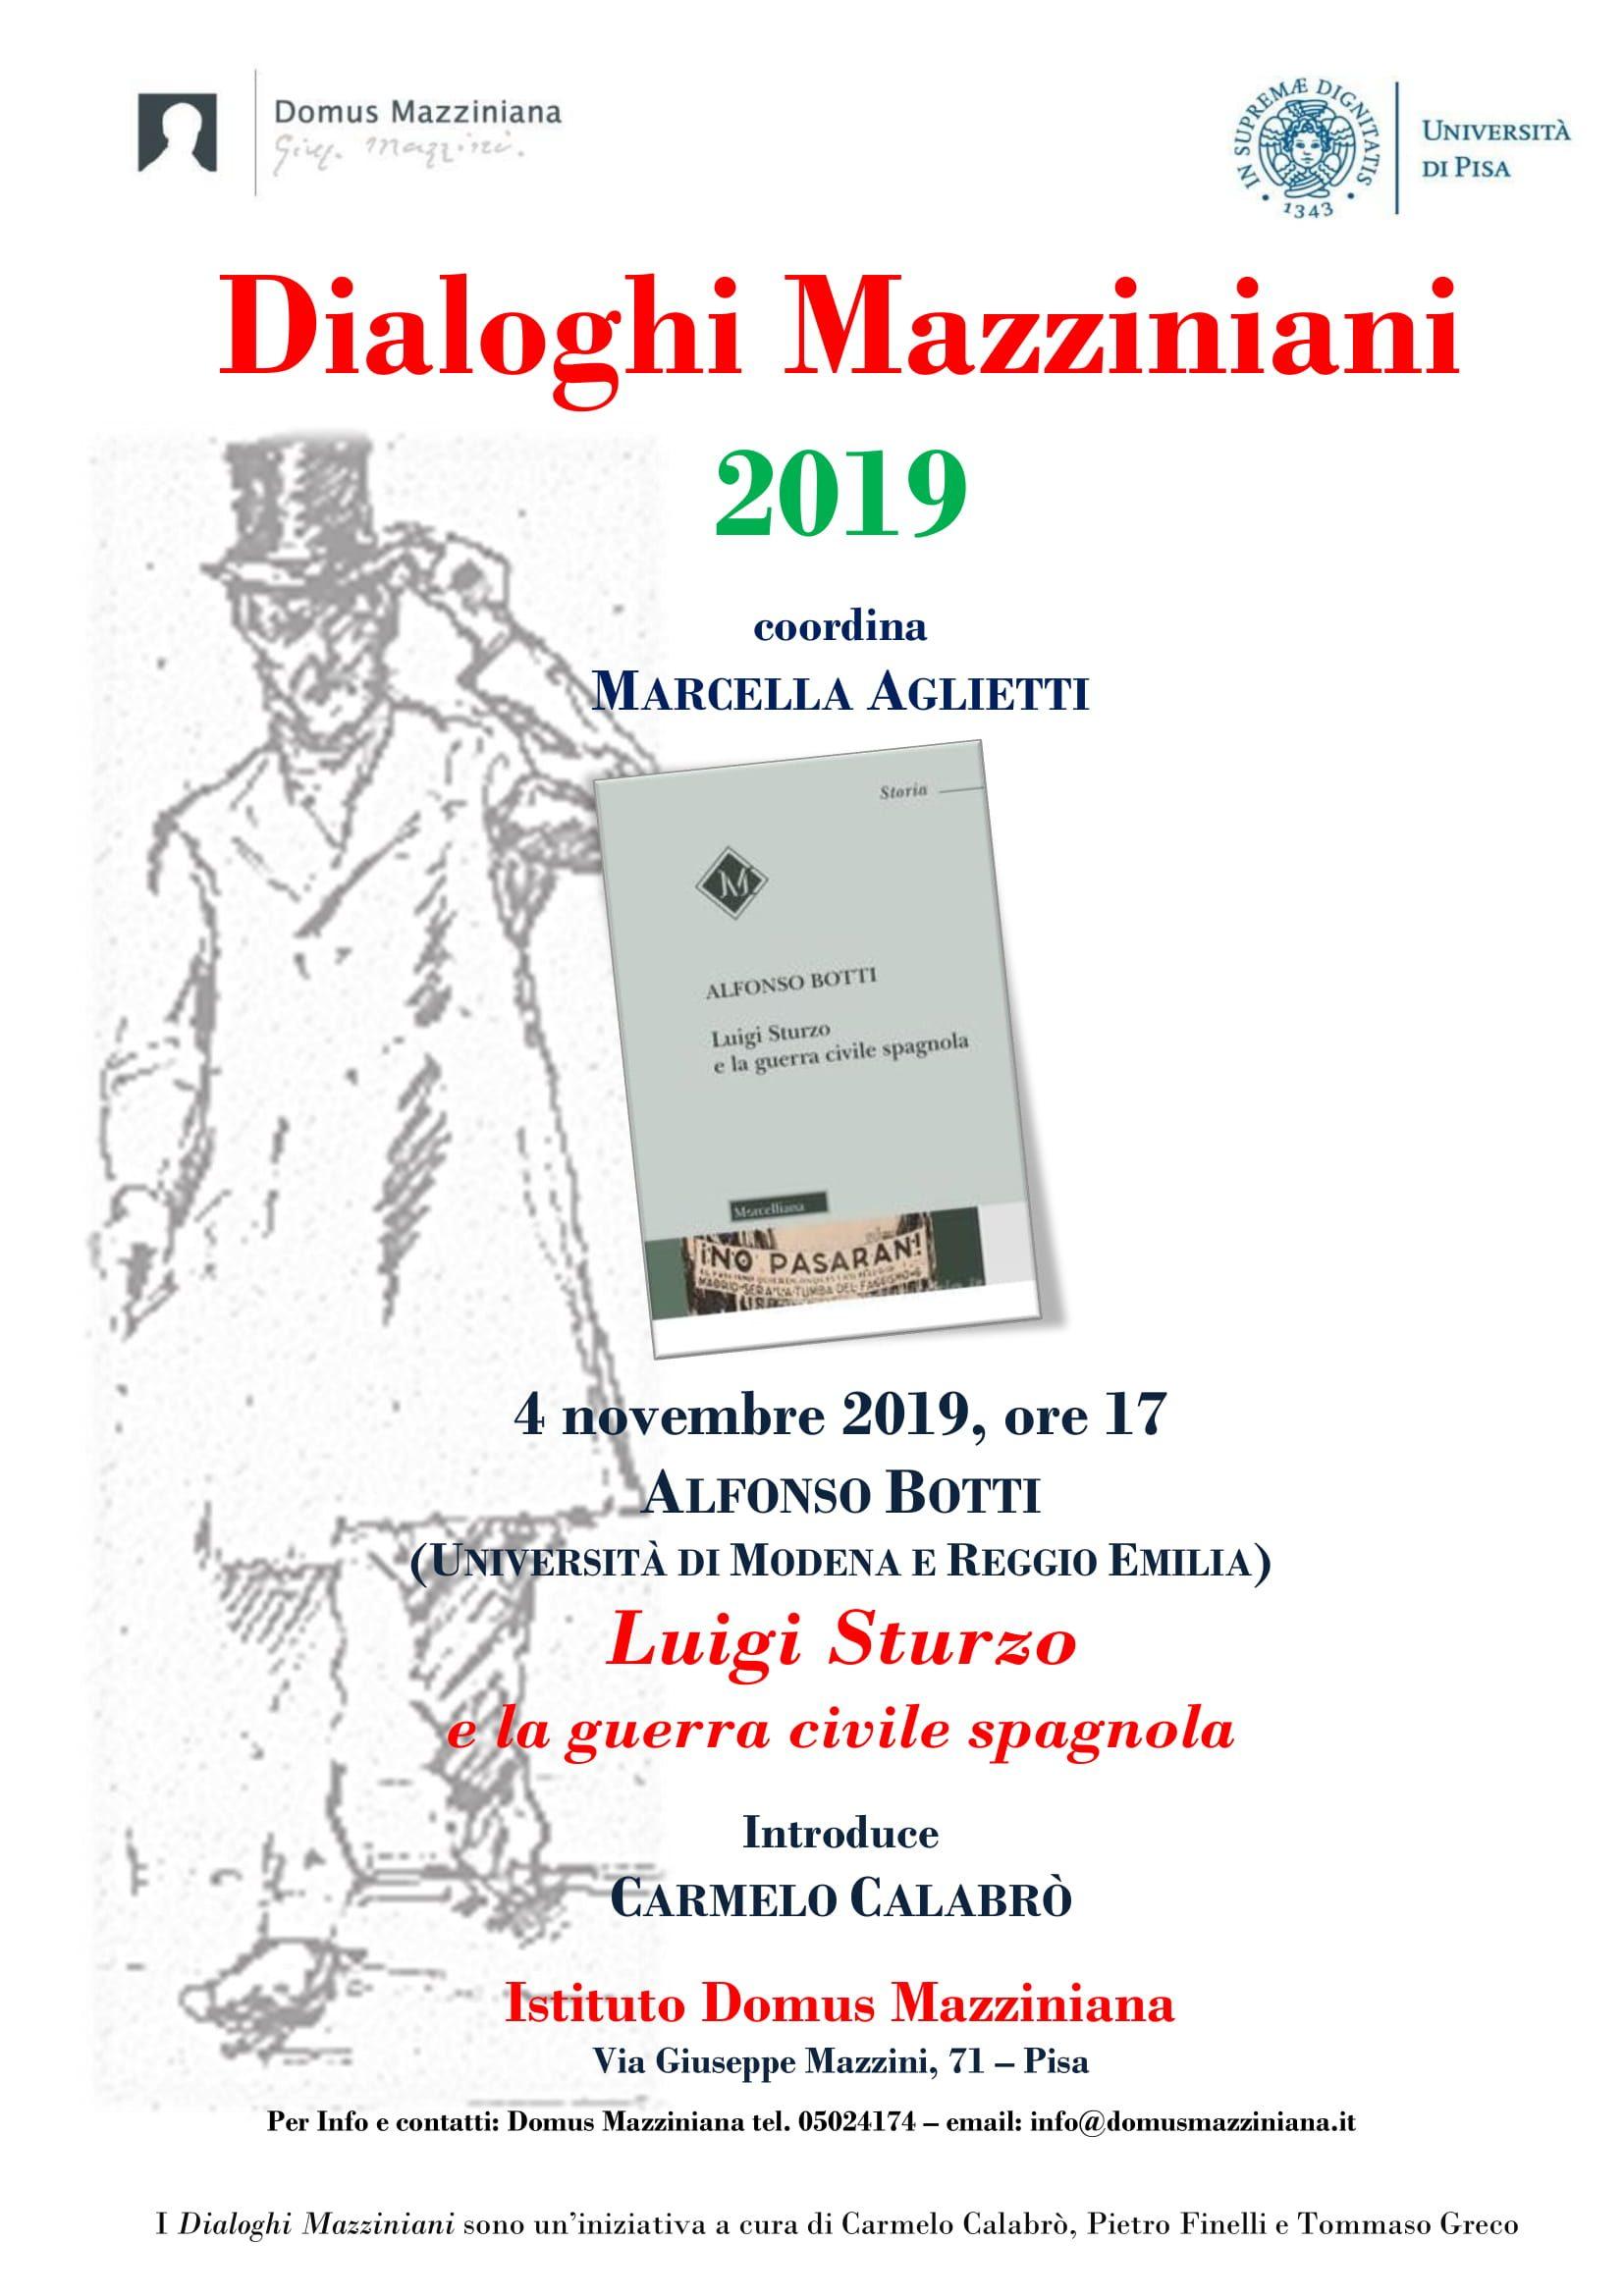 Sturzo Pisa1 4-11-19.jpg